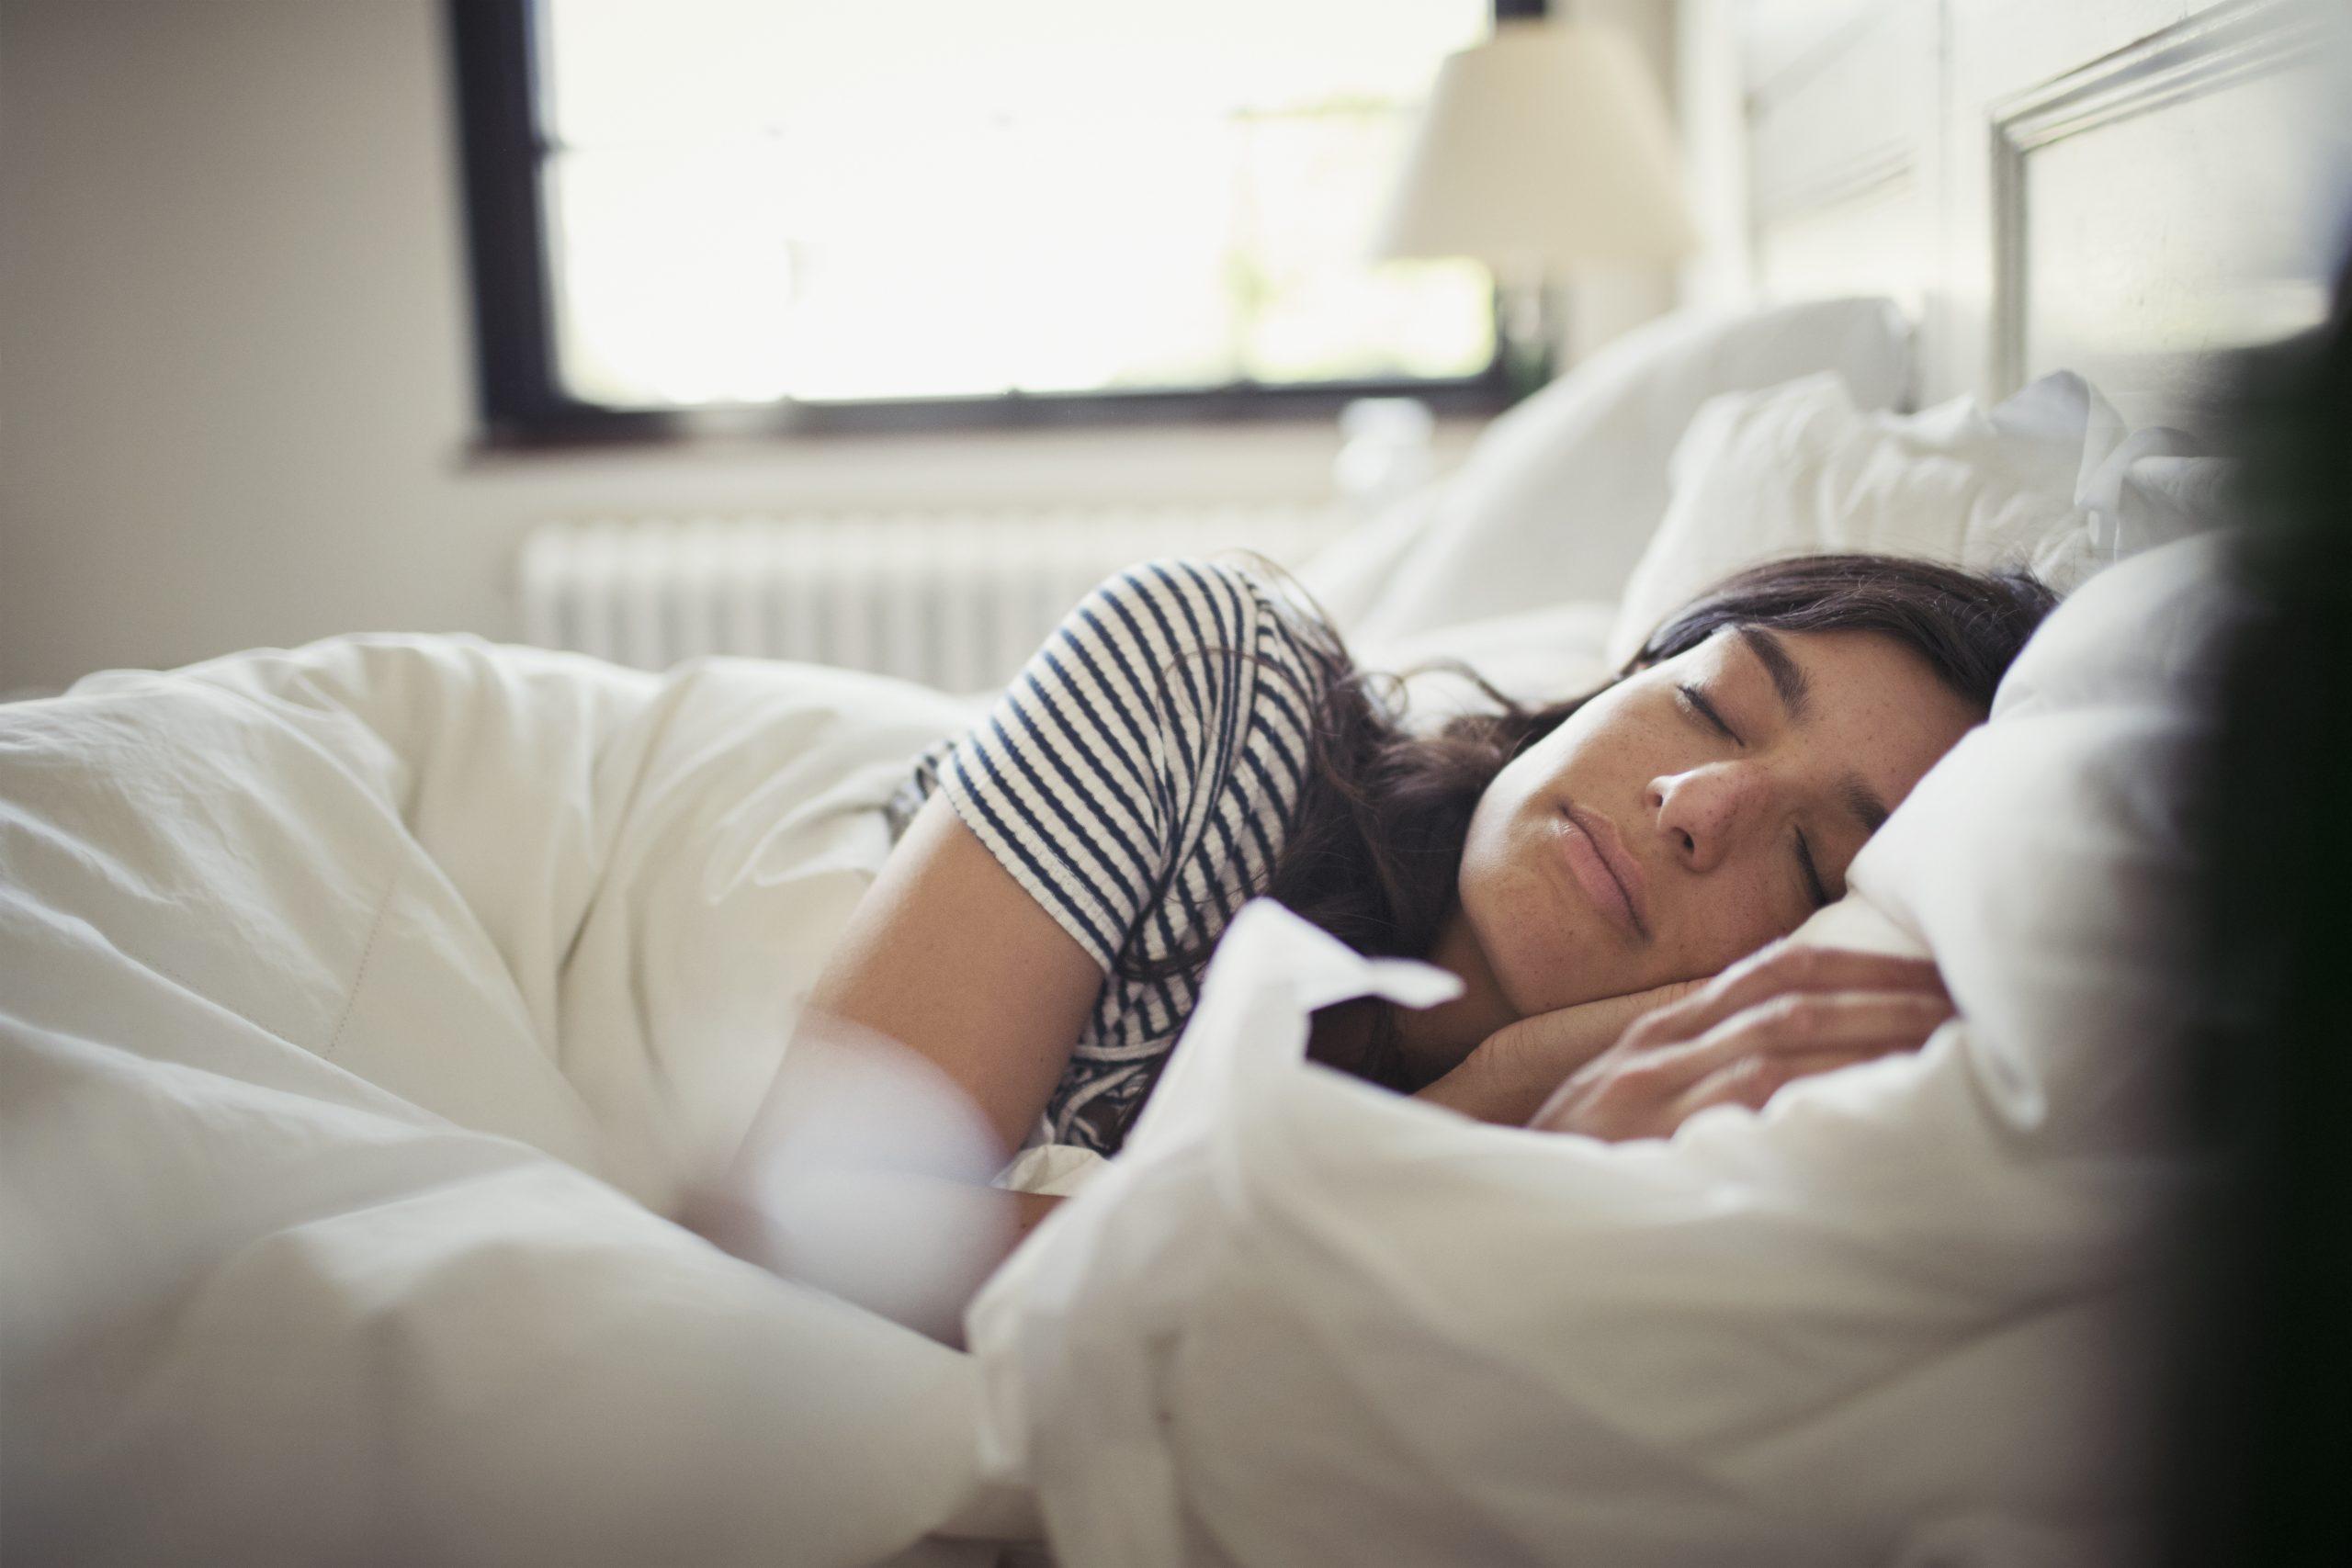 Une femme essayant de dormir dans un lit dans une pièce lumineuse